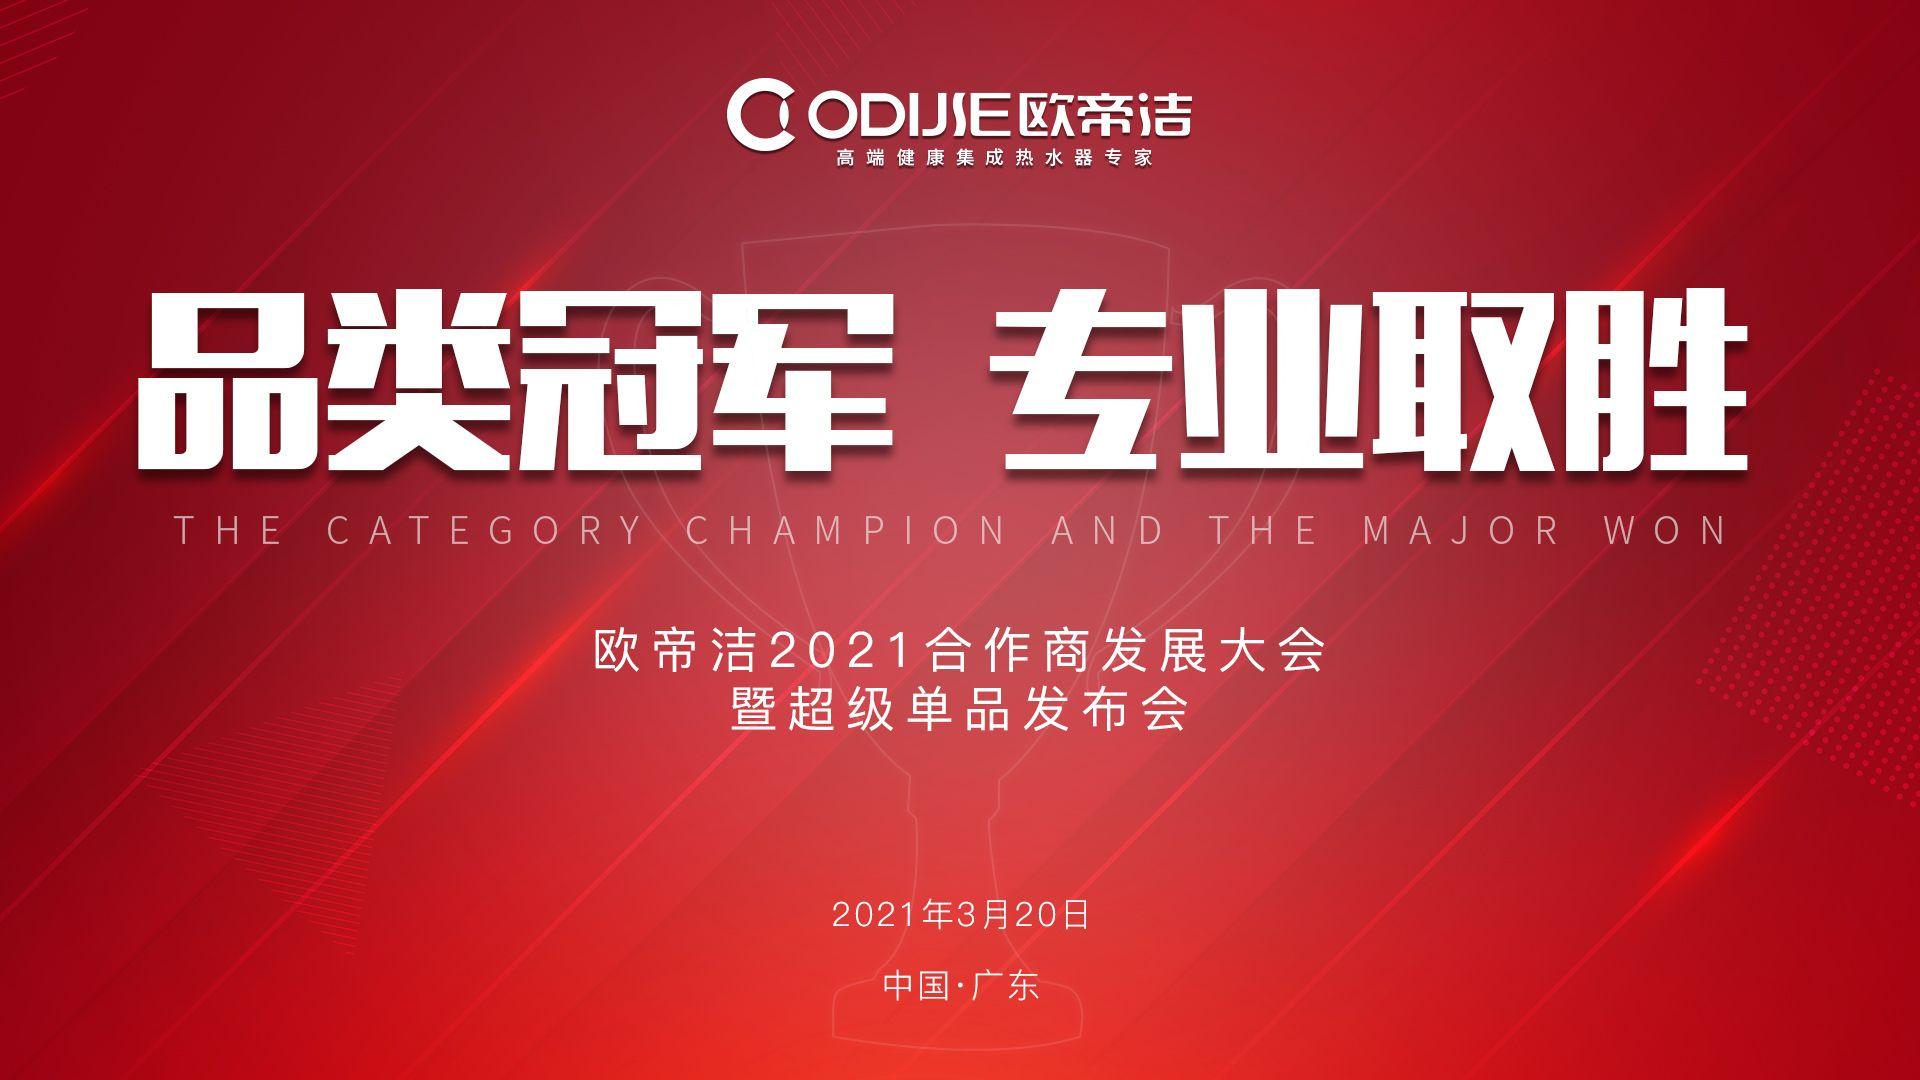 品類冠軍,專業取勝 | 歐帝潔2021合作商發展大會暨超級單品發布會